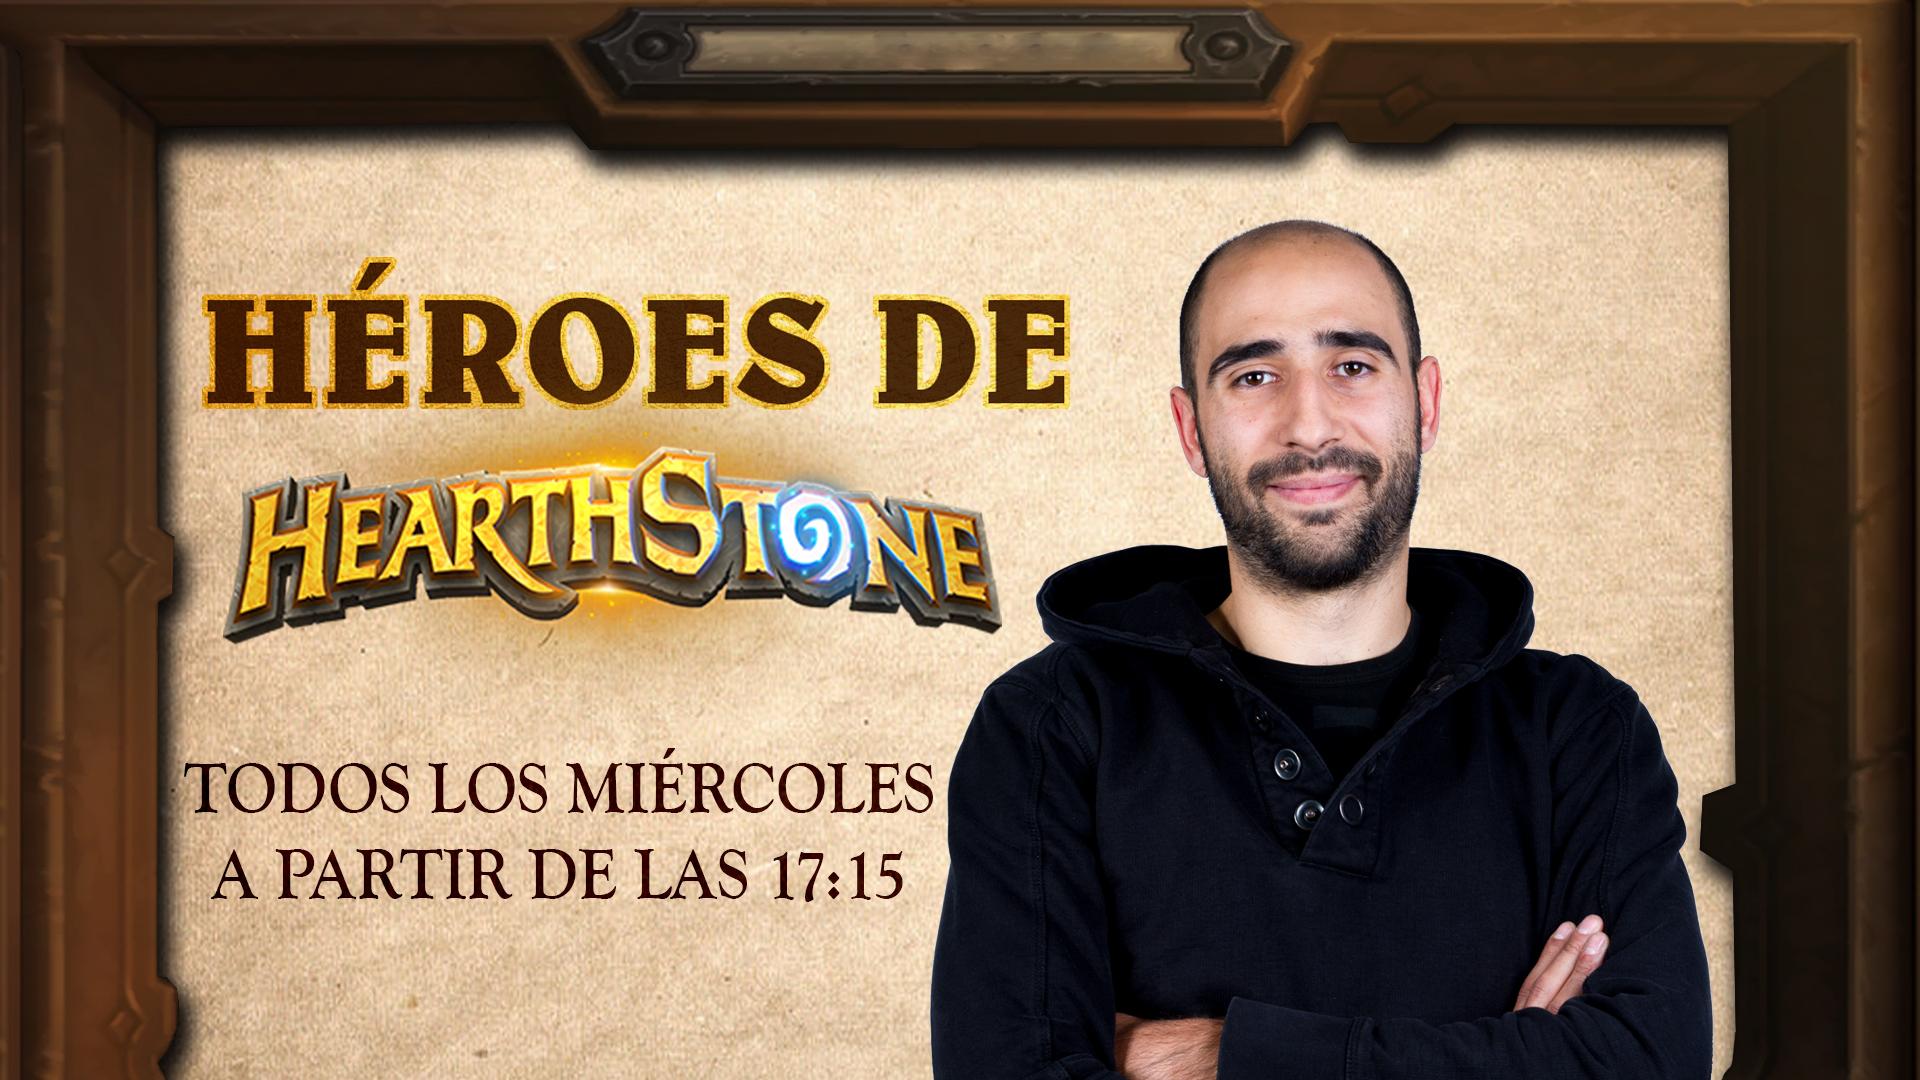 Heroes_hearthstone_PROMO GENERAL